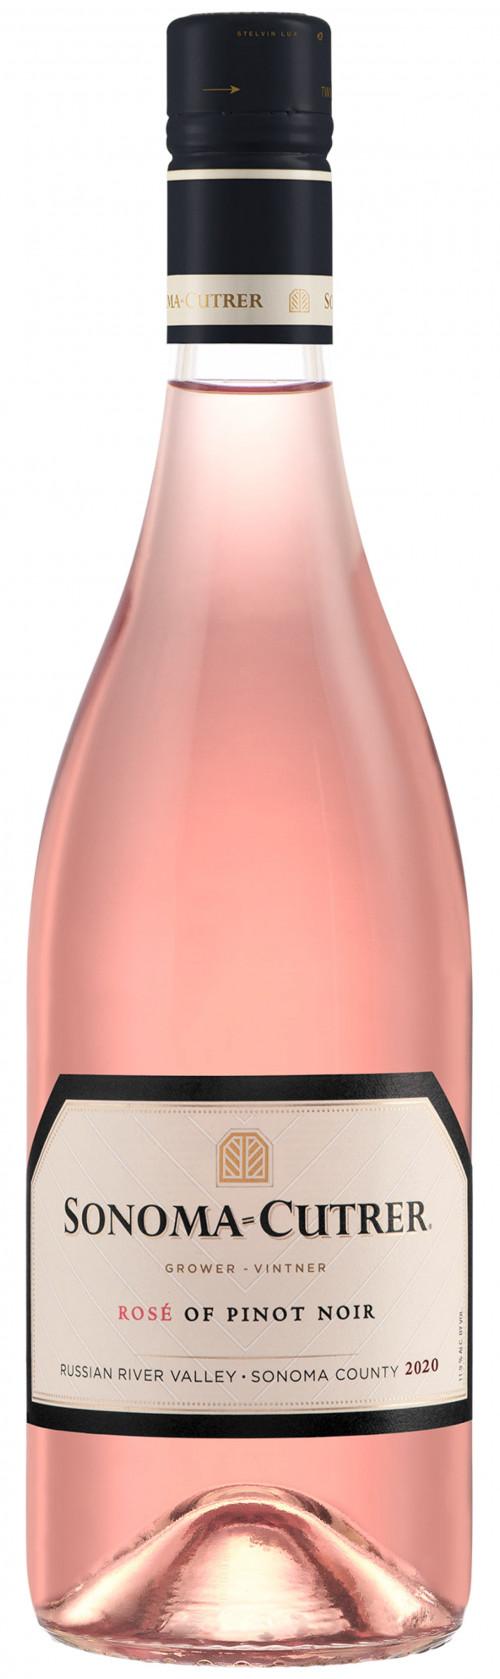 2020 Sonoma-Cutrer Rose of Pinot Noir 750ml